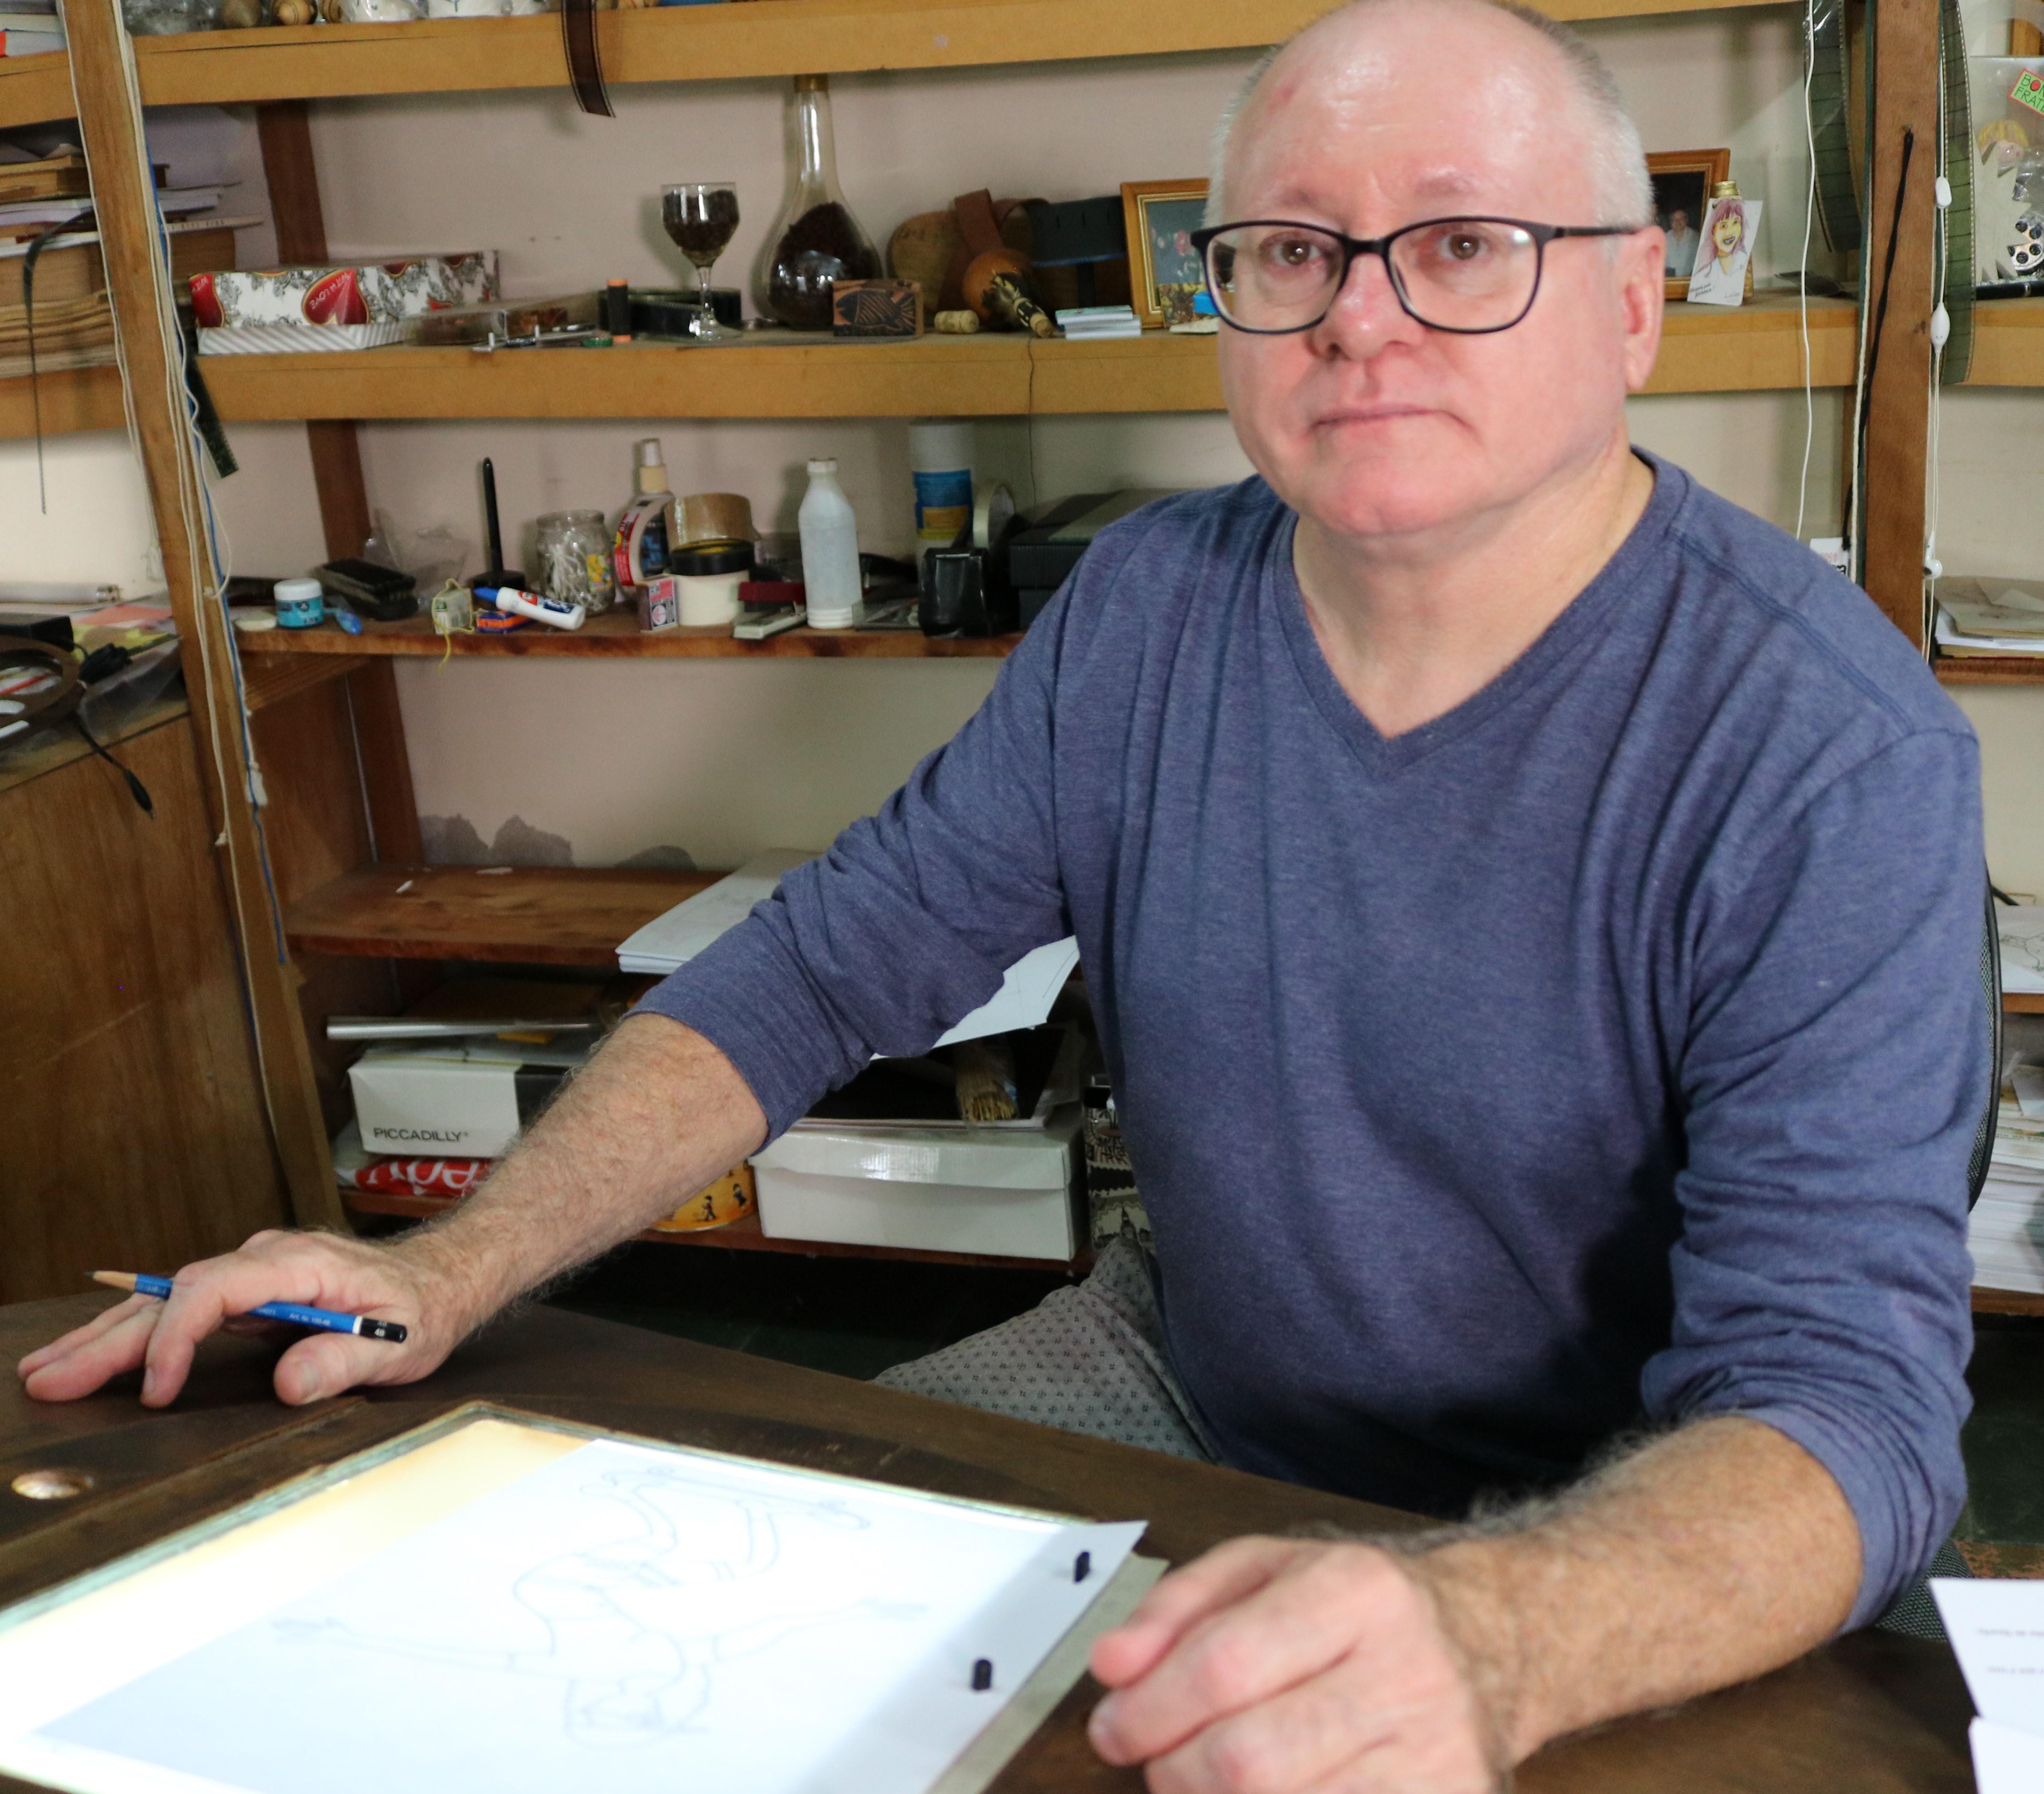 Homem branco adulto, usando óculos e camiseta azul, é careca e com cabelos brancos na lateral da cabeça. Está sentado em uma mesa com um caderno aberto em sua frente enquanto segura um lápis. Ele olha diretamente para a câmera.